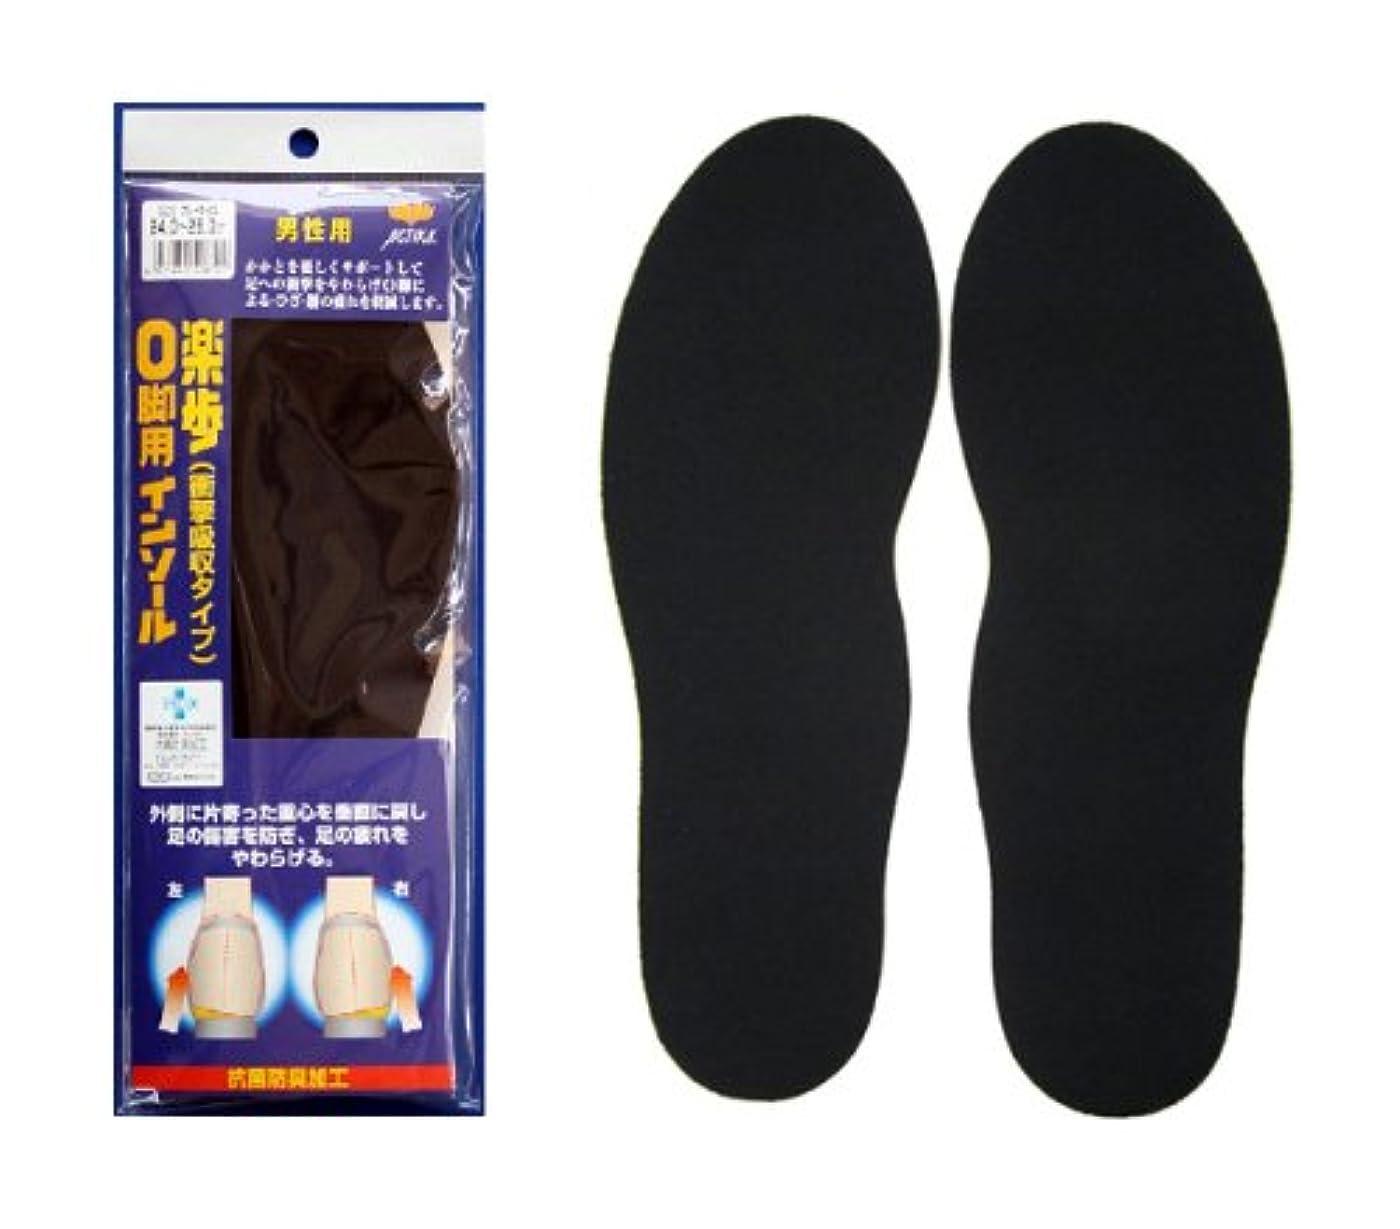 太い翻訳者エージェント楽歩 O脚用インソール 男性用(24.0~28.0cm) 2足セット  No.162